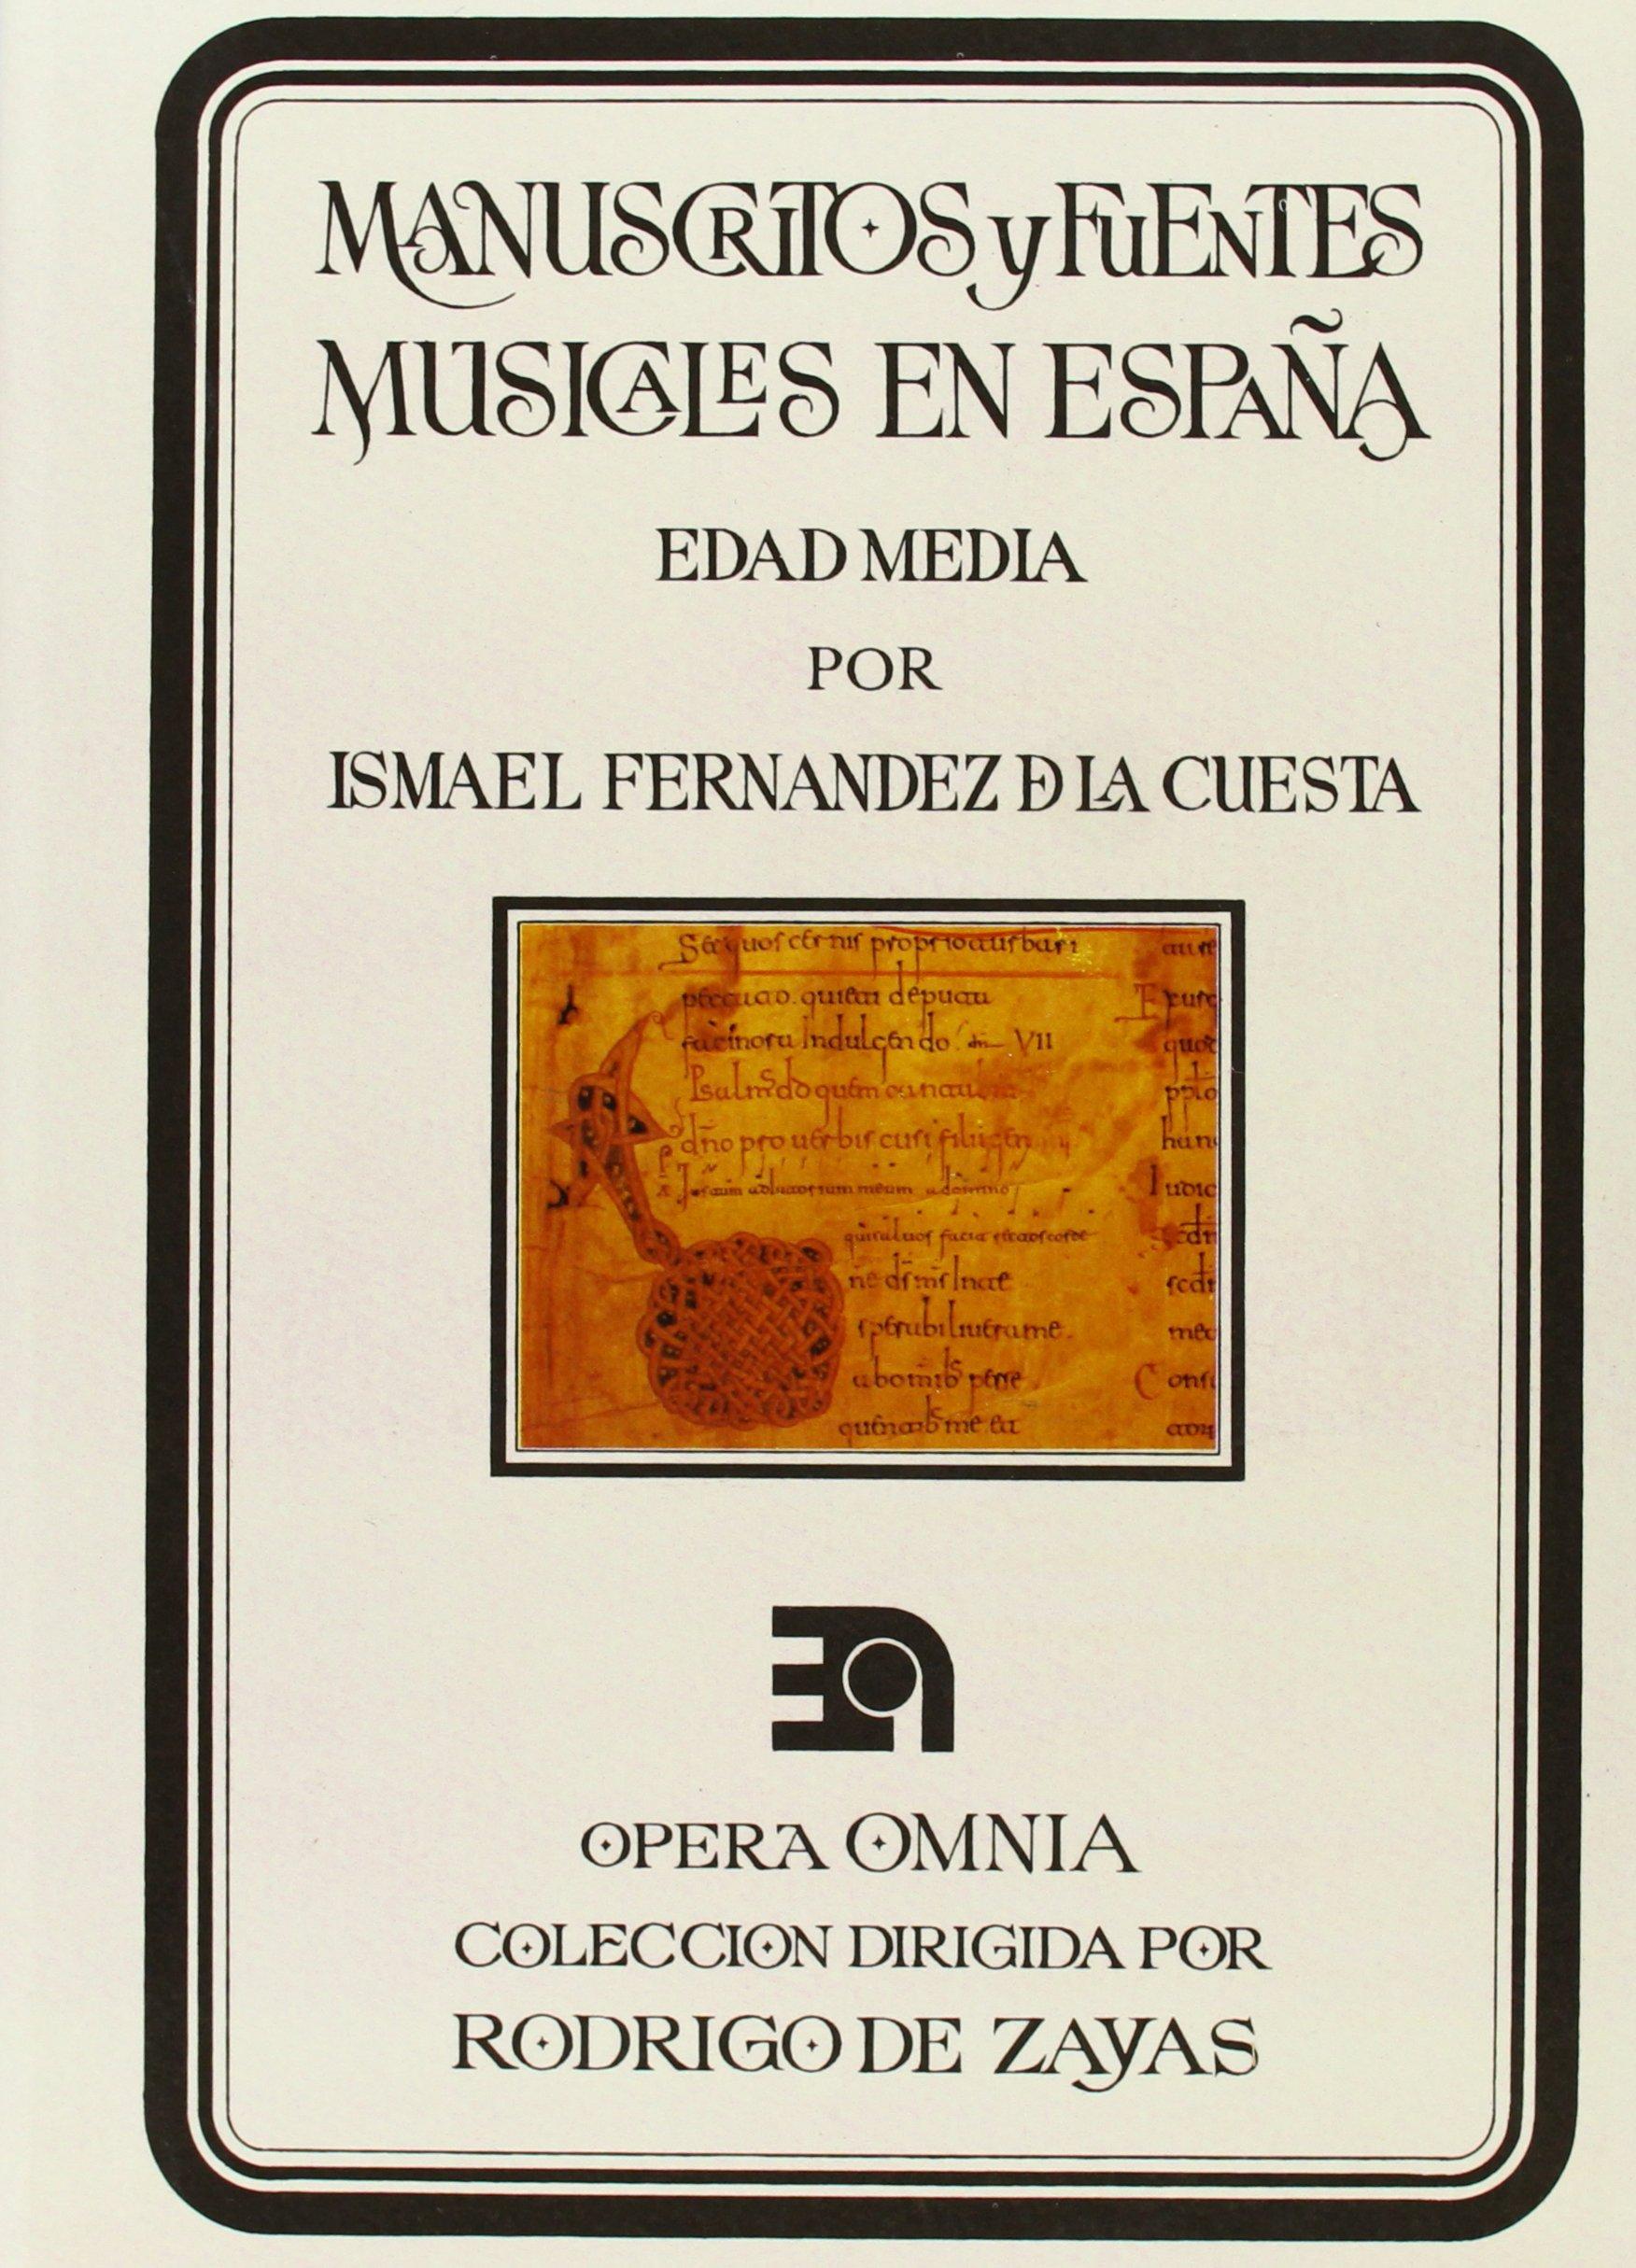 Manuscritos y fuentes musicales en España. Edad Media OPERA OMNIA: Amazon.es: Fernández de la Cuesta, Ismael: Libros